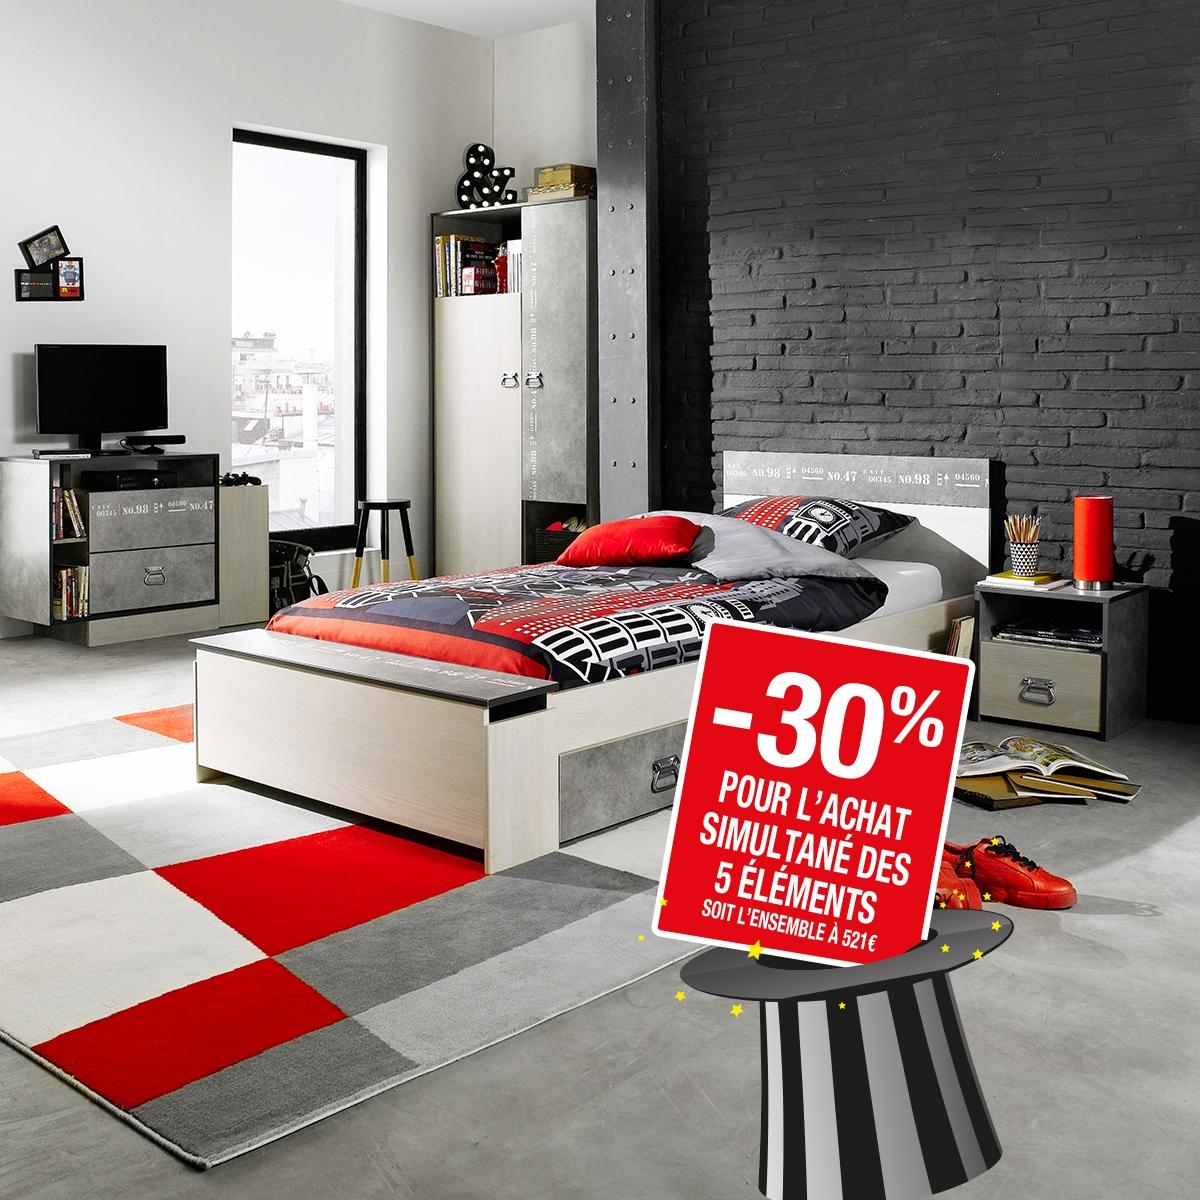 - Chambre Hipster : les 5 éléments à -30%